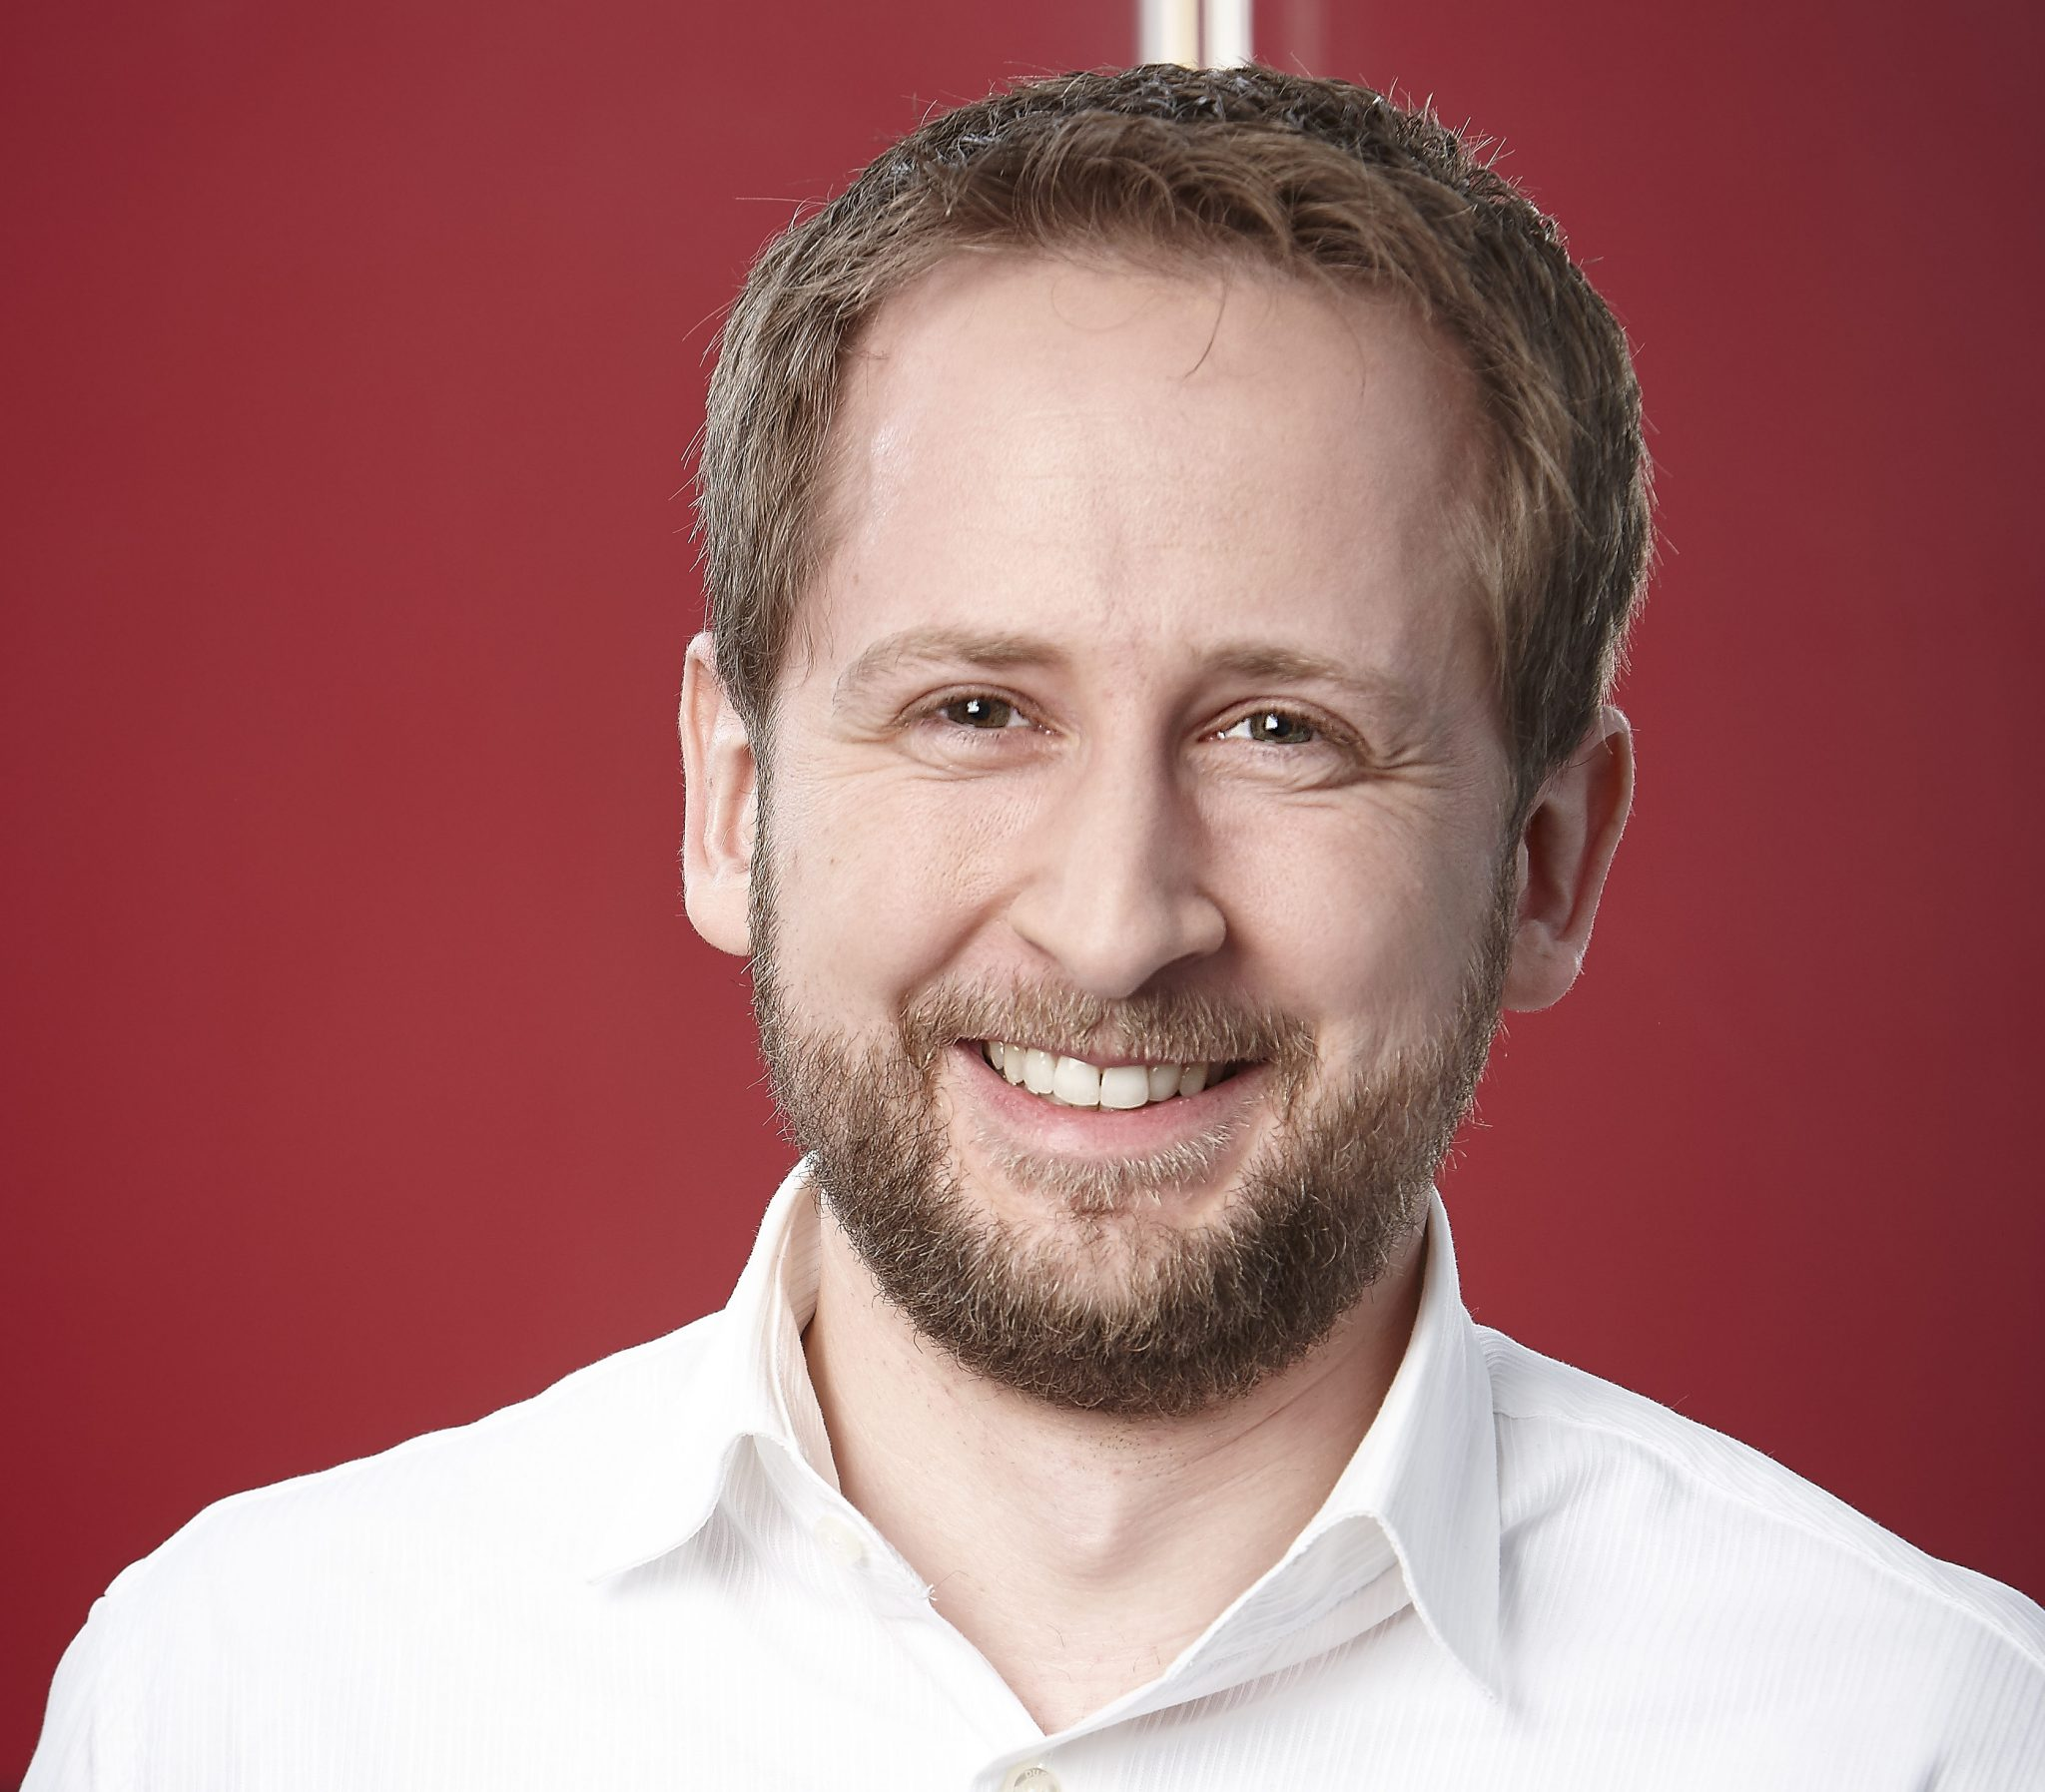 Ralf Mühlstädt